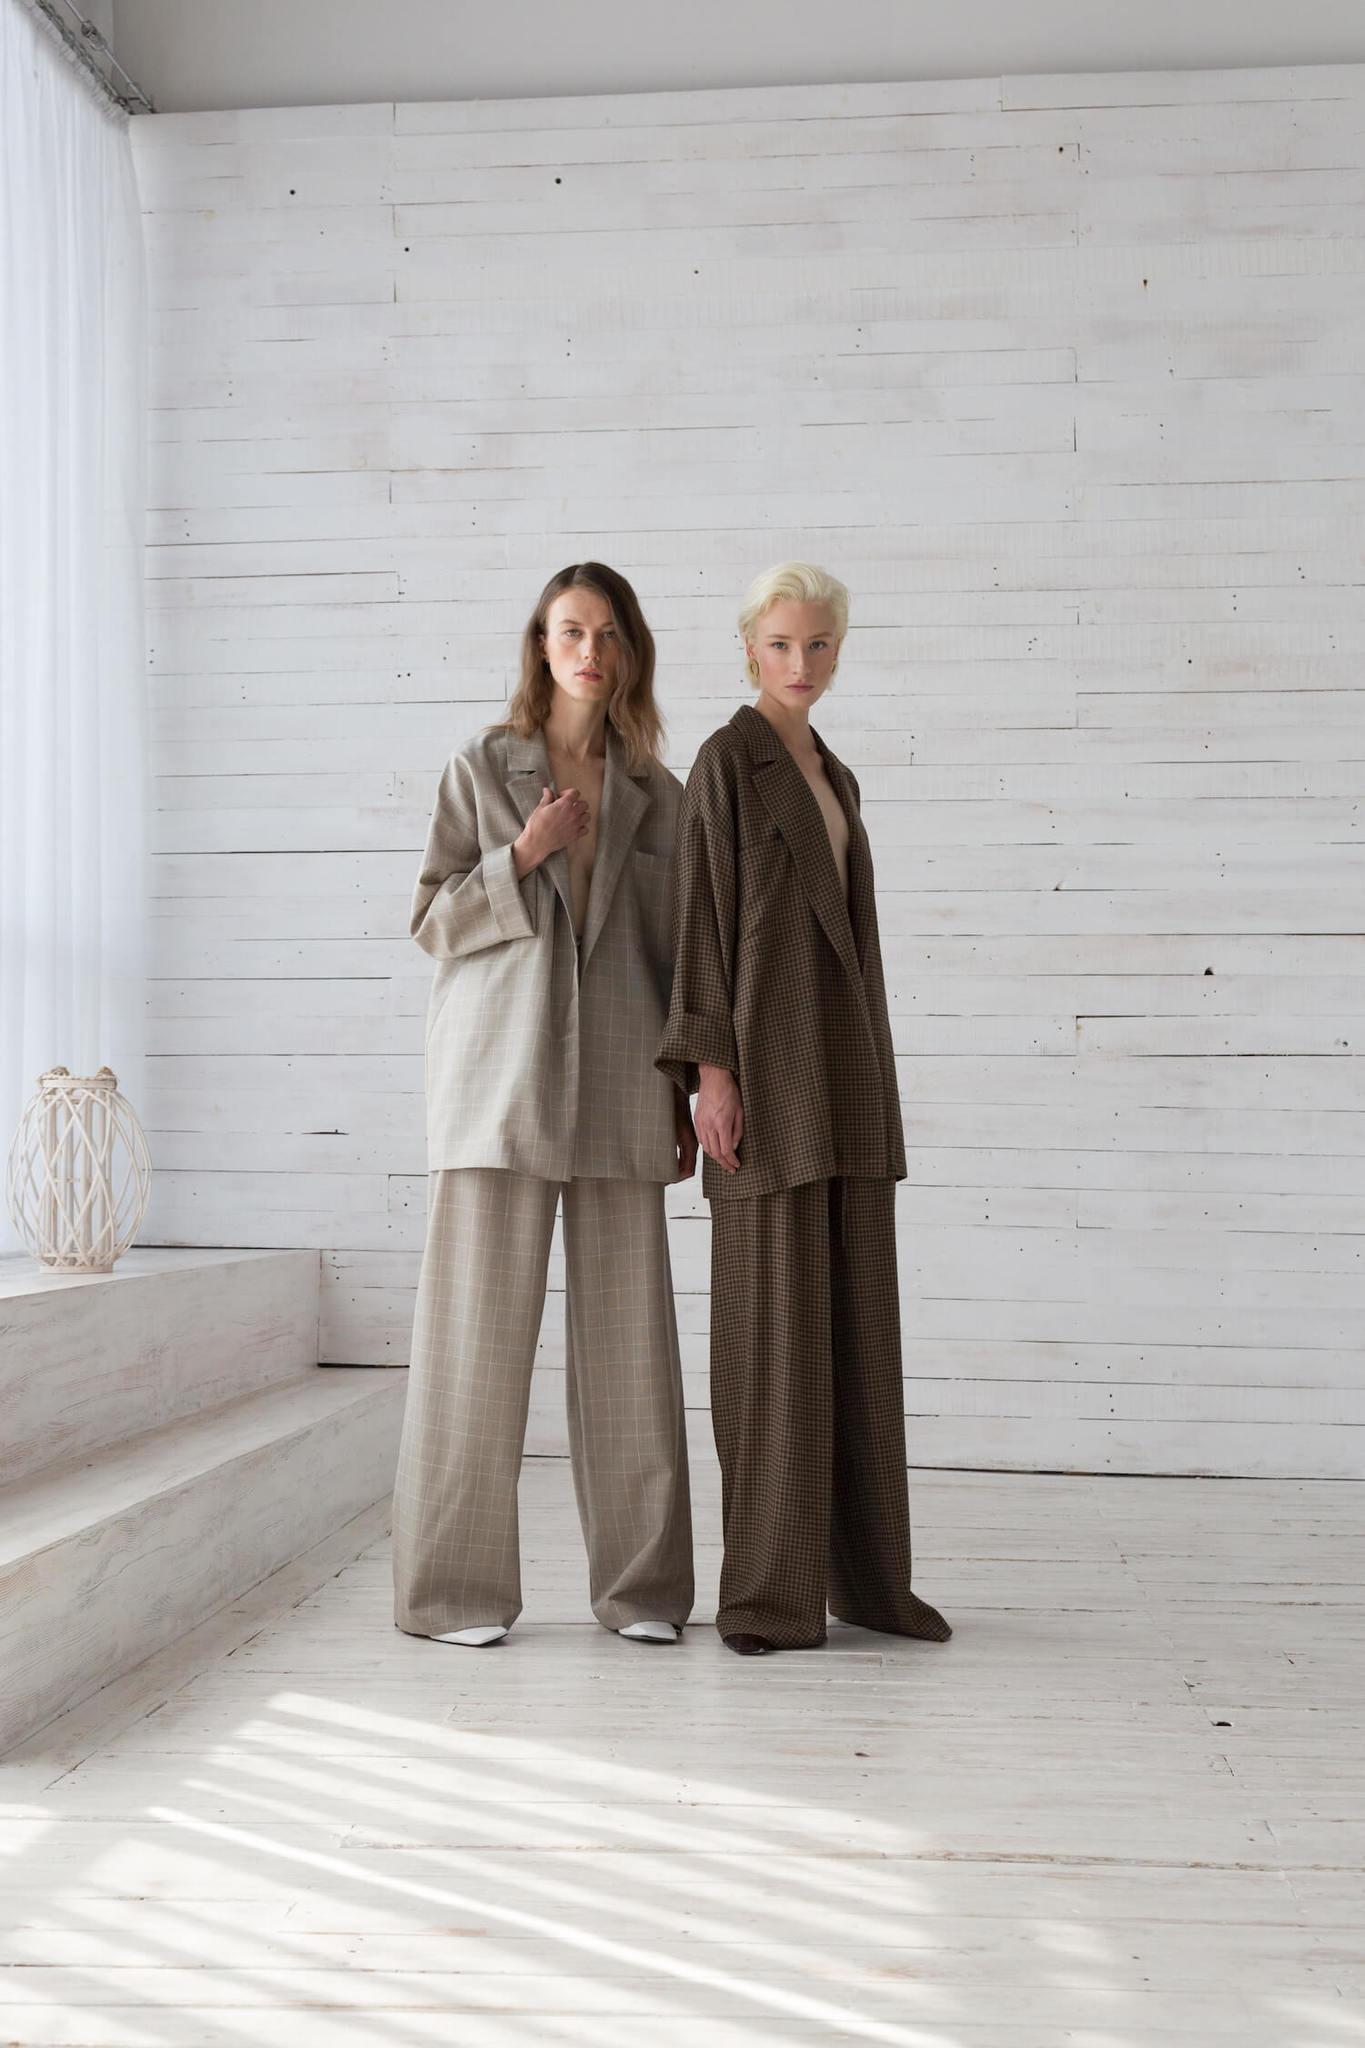 Костюм в расслабленном стиле: жакет под пояс и длинные брюки на кулиске, серая клетка